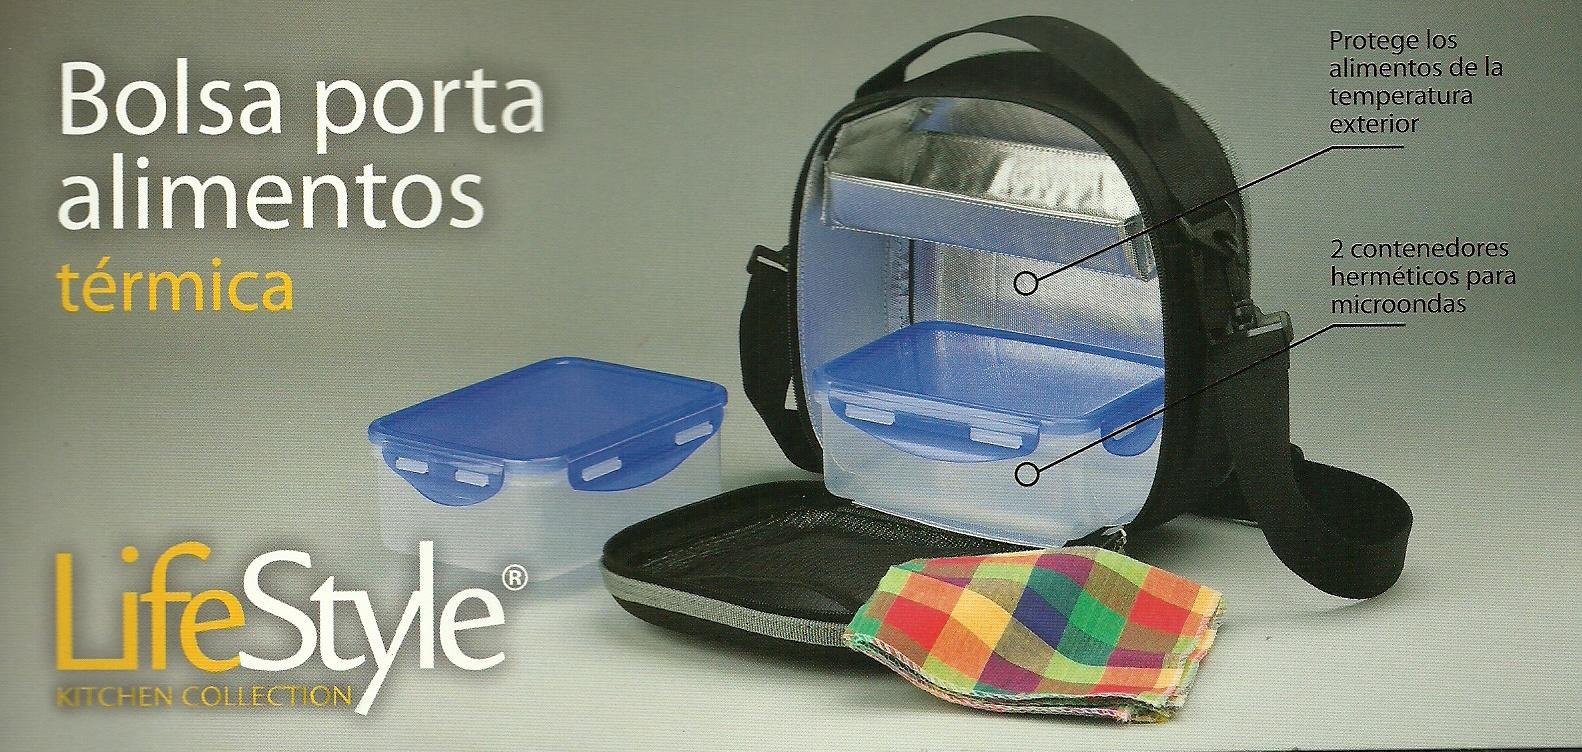 Bolsa porta alimentos t rmica ferreter a juli - Bolsa porta alimentos ...